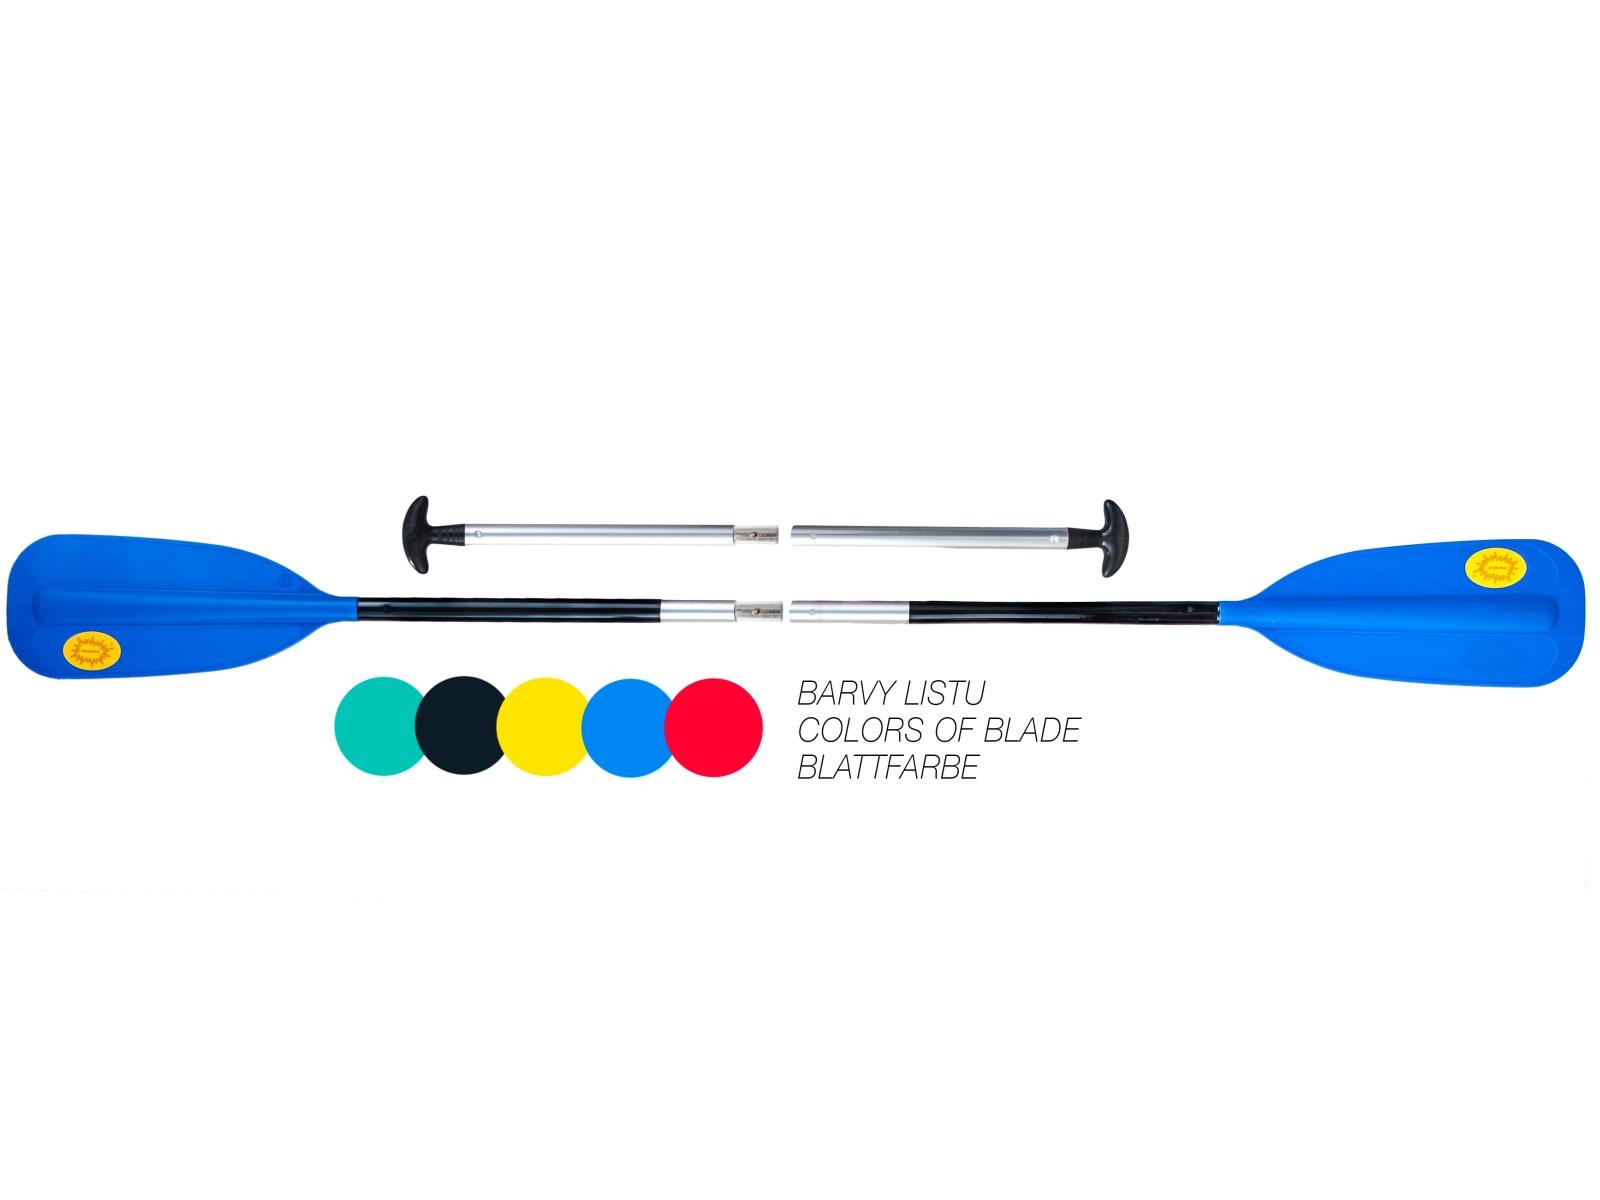 Pádlo PANDA kombinace modré - vel. 190 cm